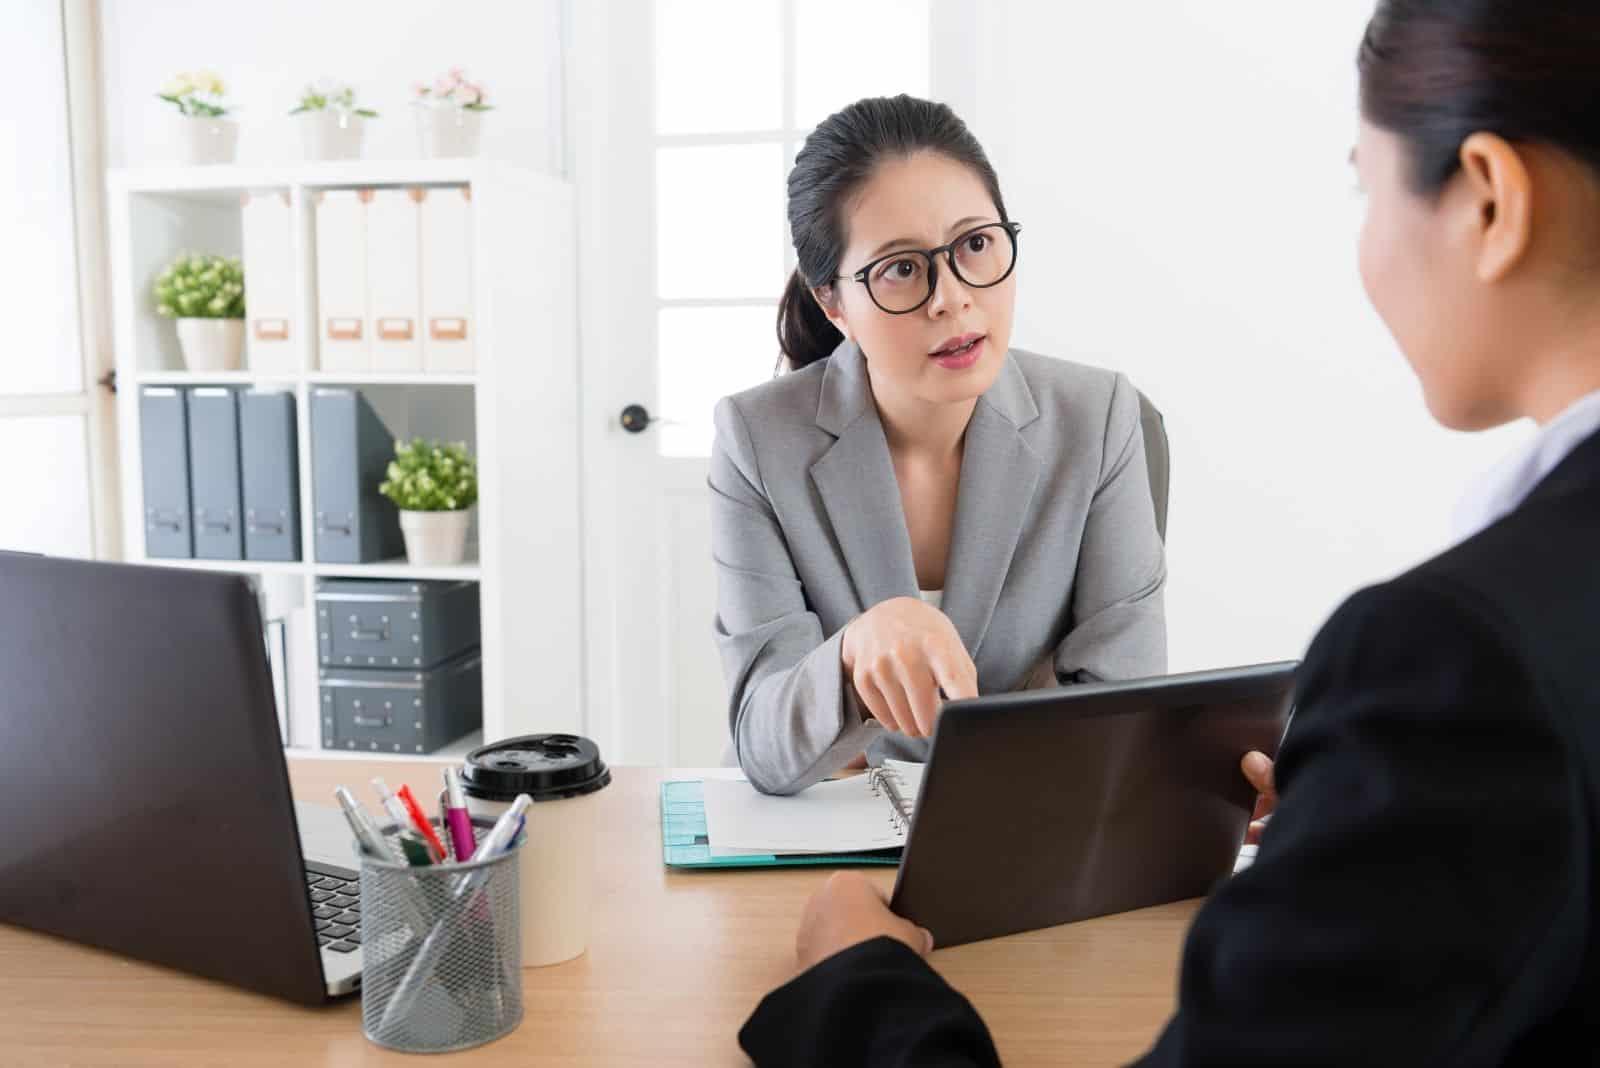 Kopfschuss einer Chefin ernsthaft mit einem Mitarbeiter sprechen